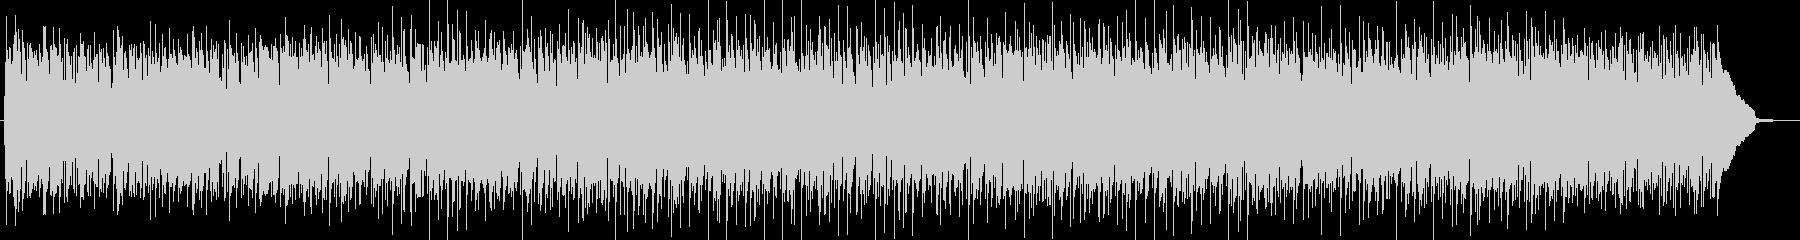 安らぎのアコースティックギターサウンドの未再生の波形